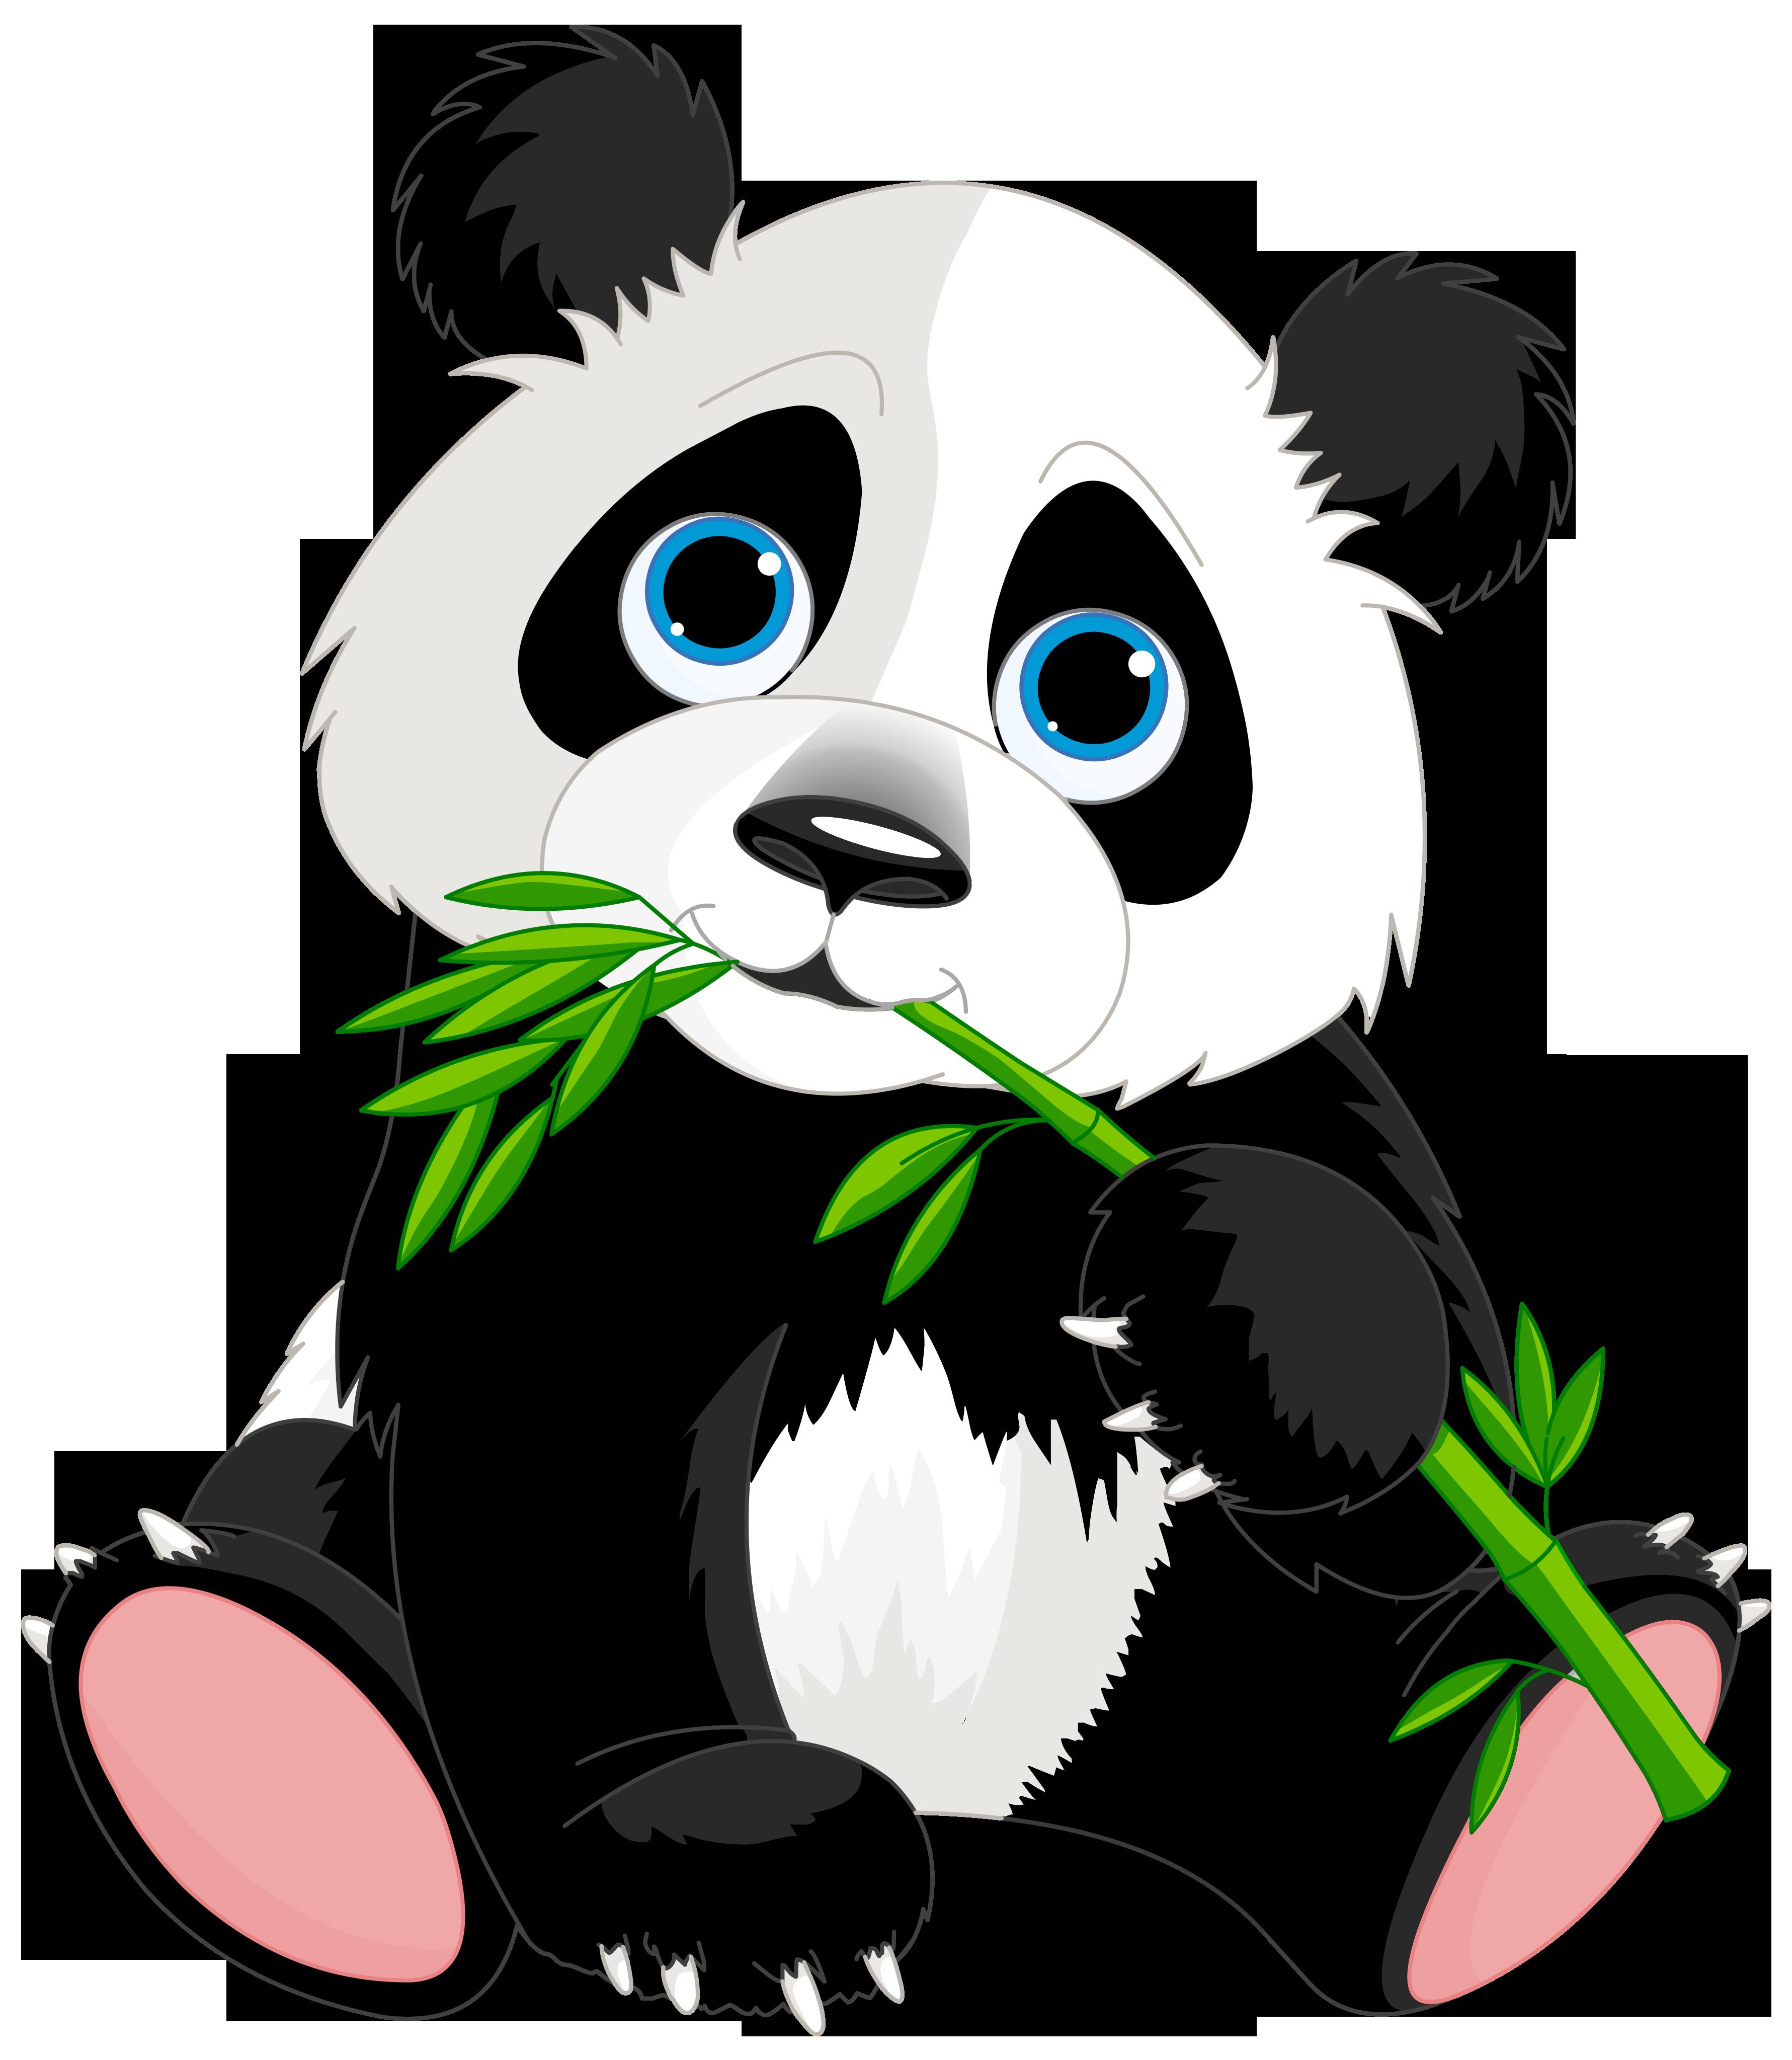 clipart panda-clipart panda-7